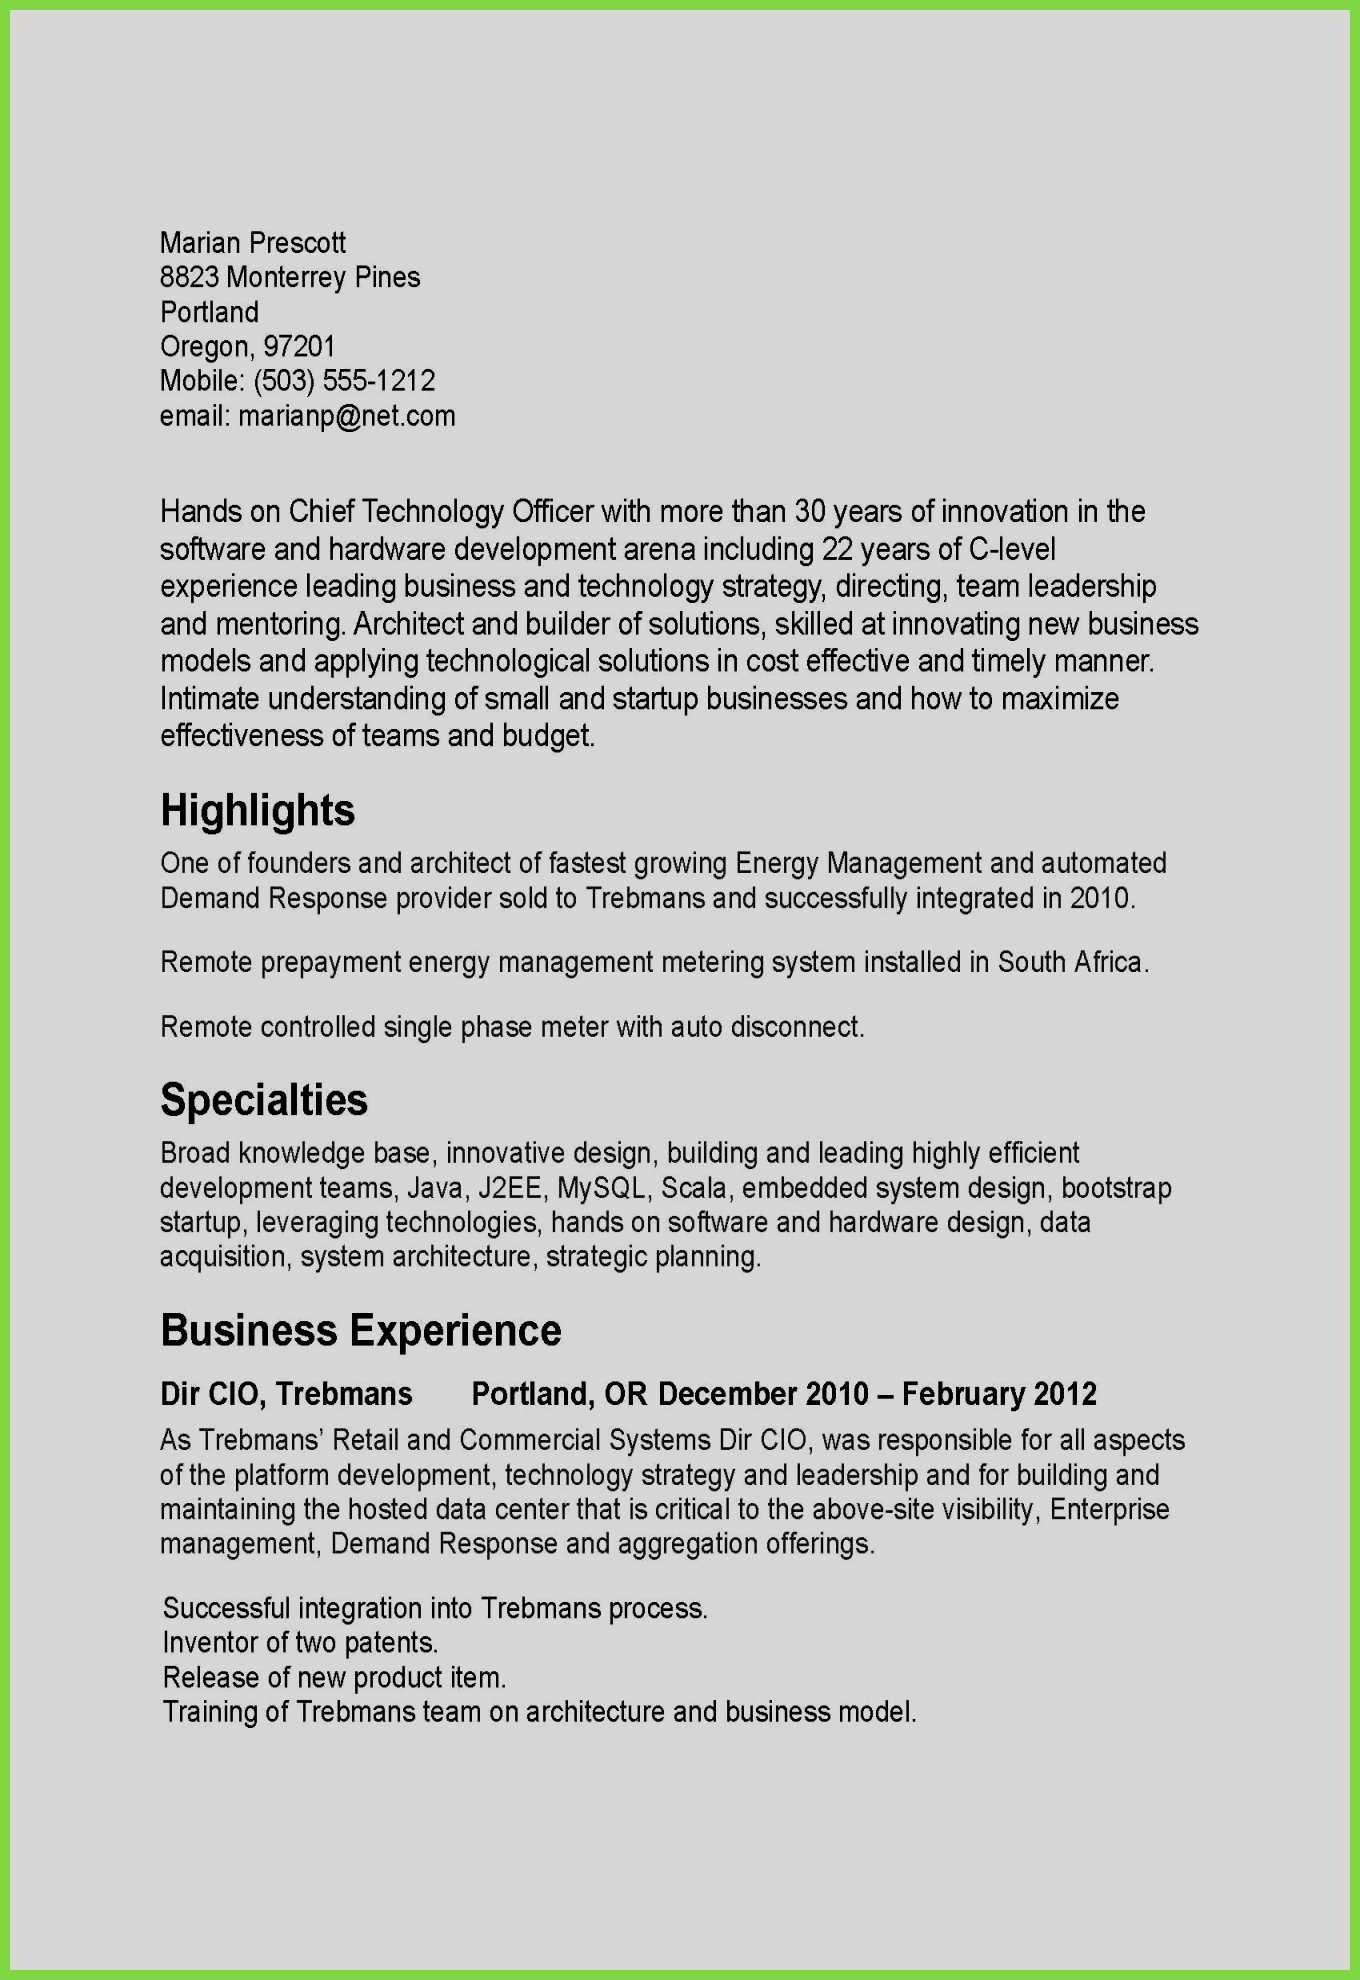 Basic Resume Examples Pdf 74